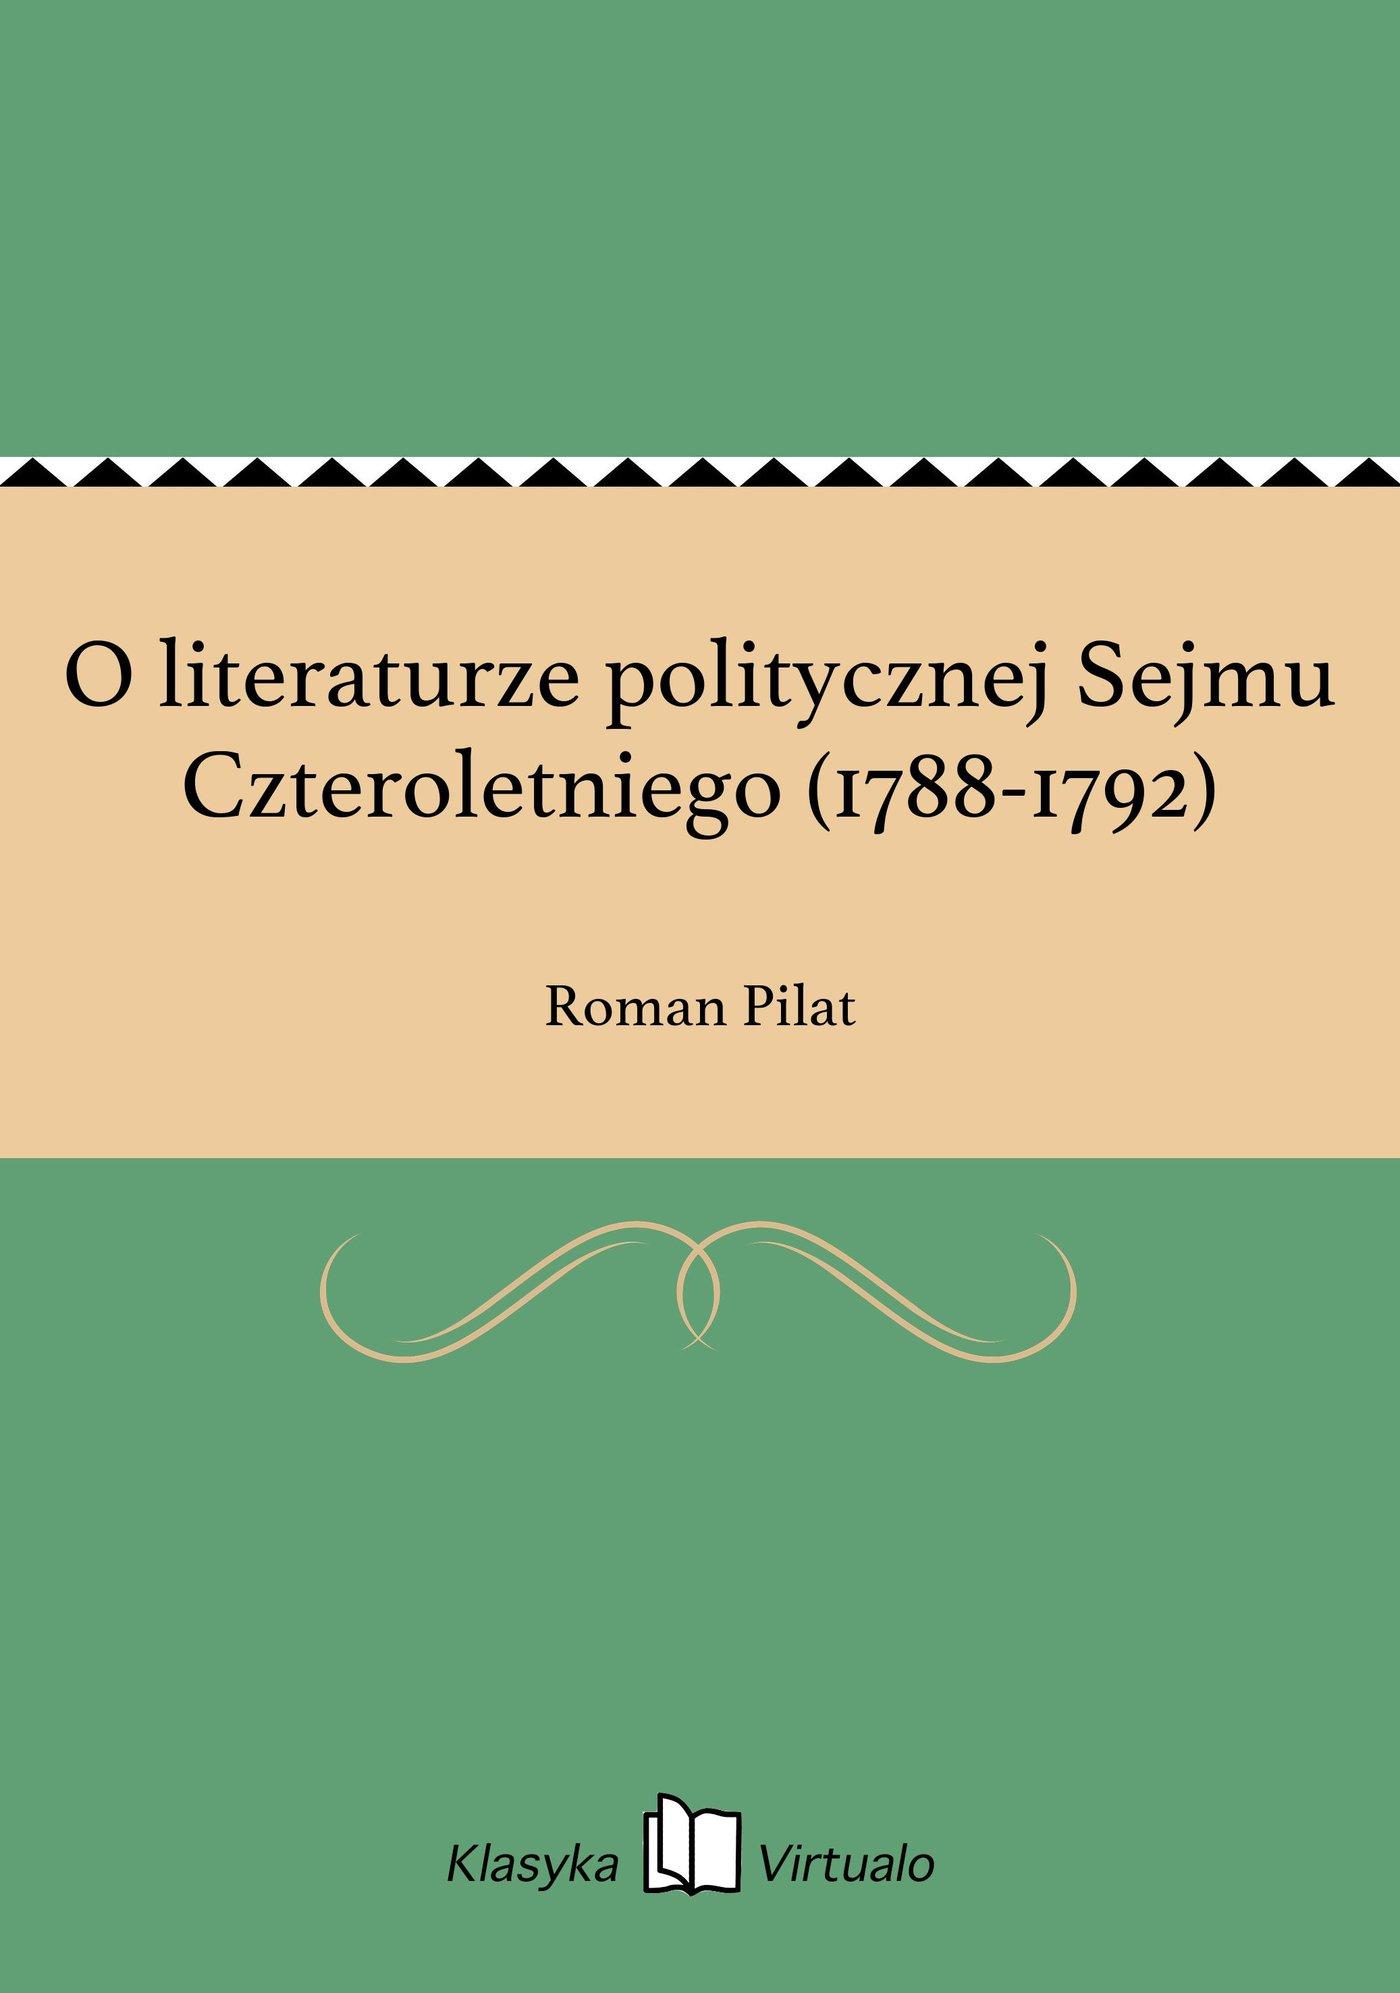 O literaturze politycznej Sejmu Czteroletniego (1788-1792) - Ebook (Książka EPUB) do pobrania w formacie EPUB